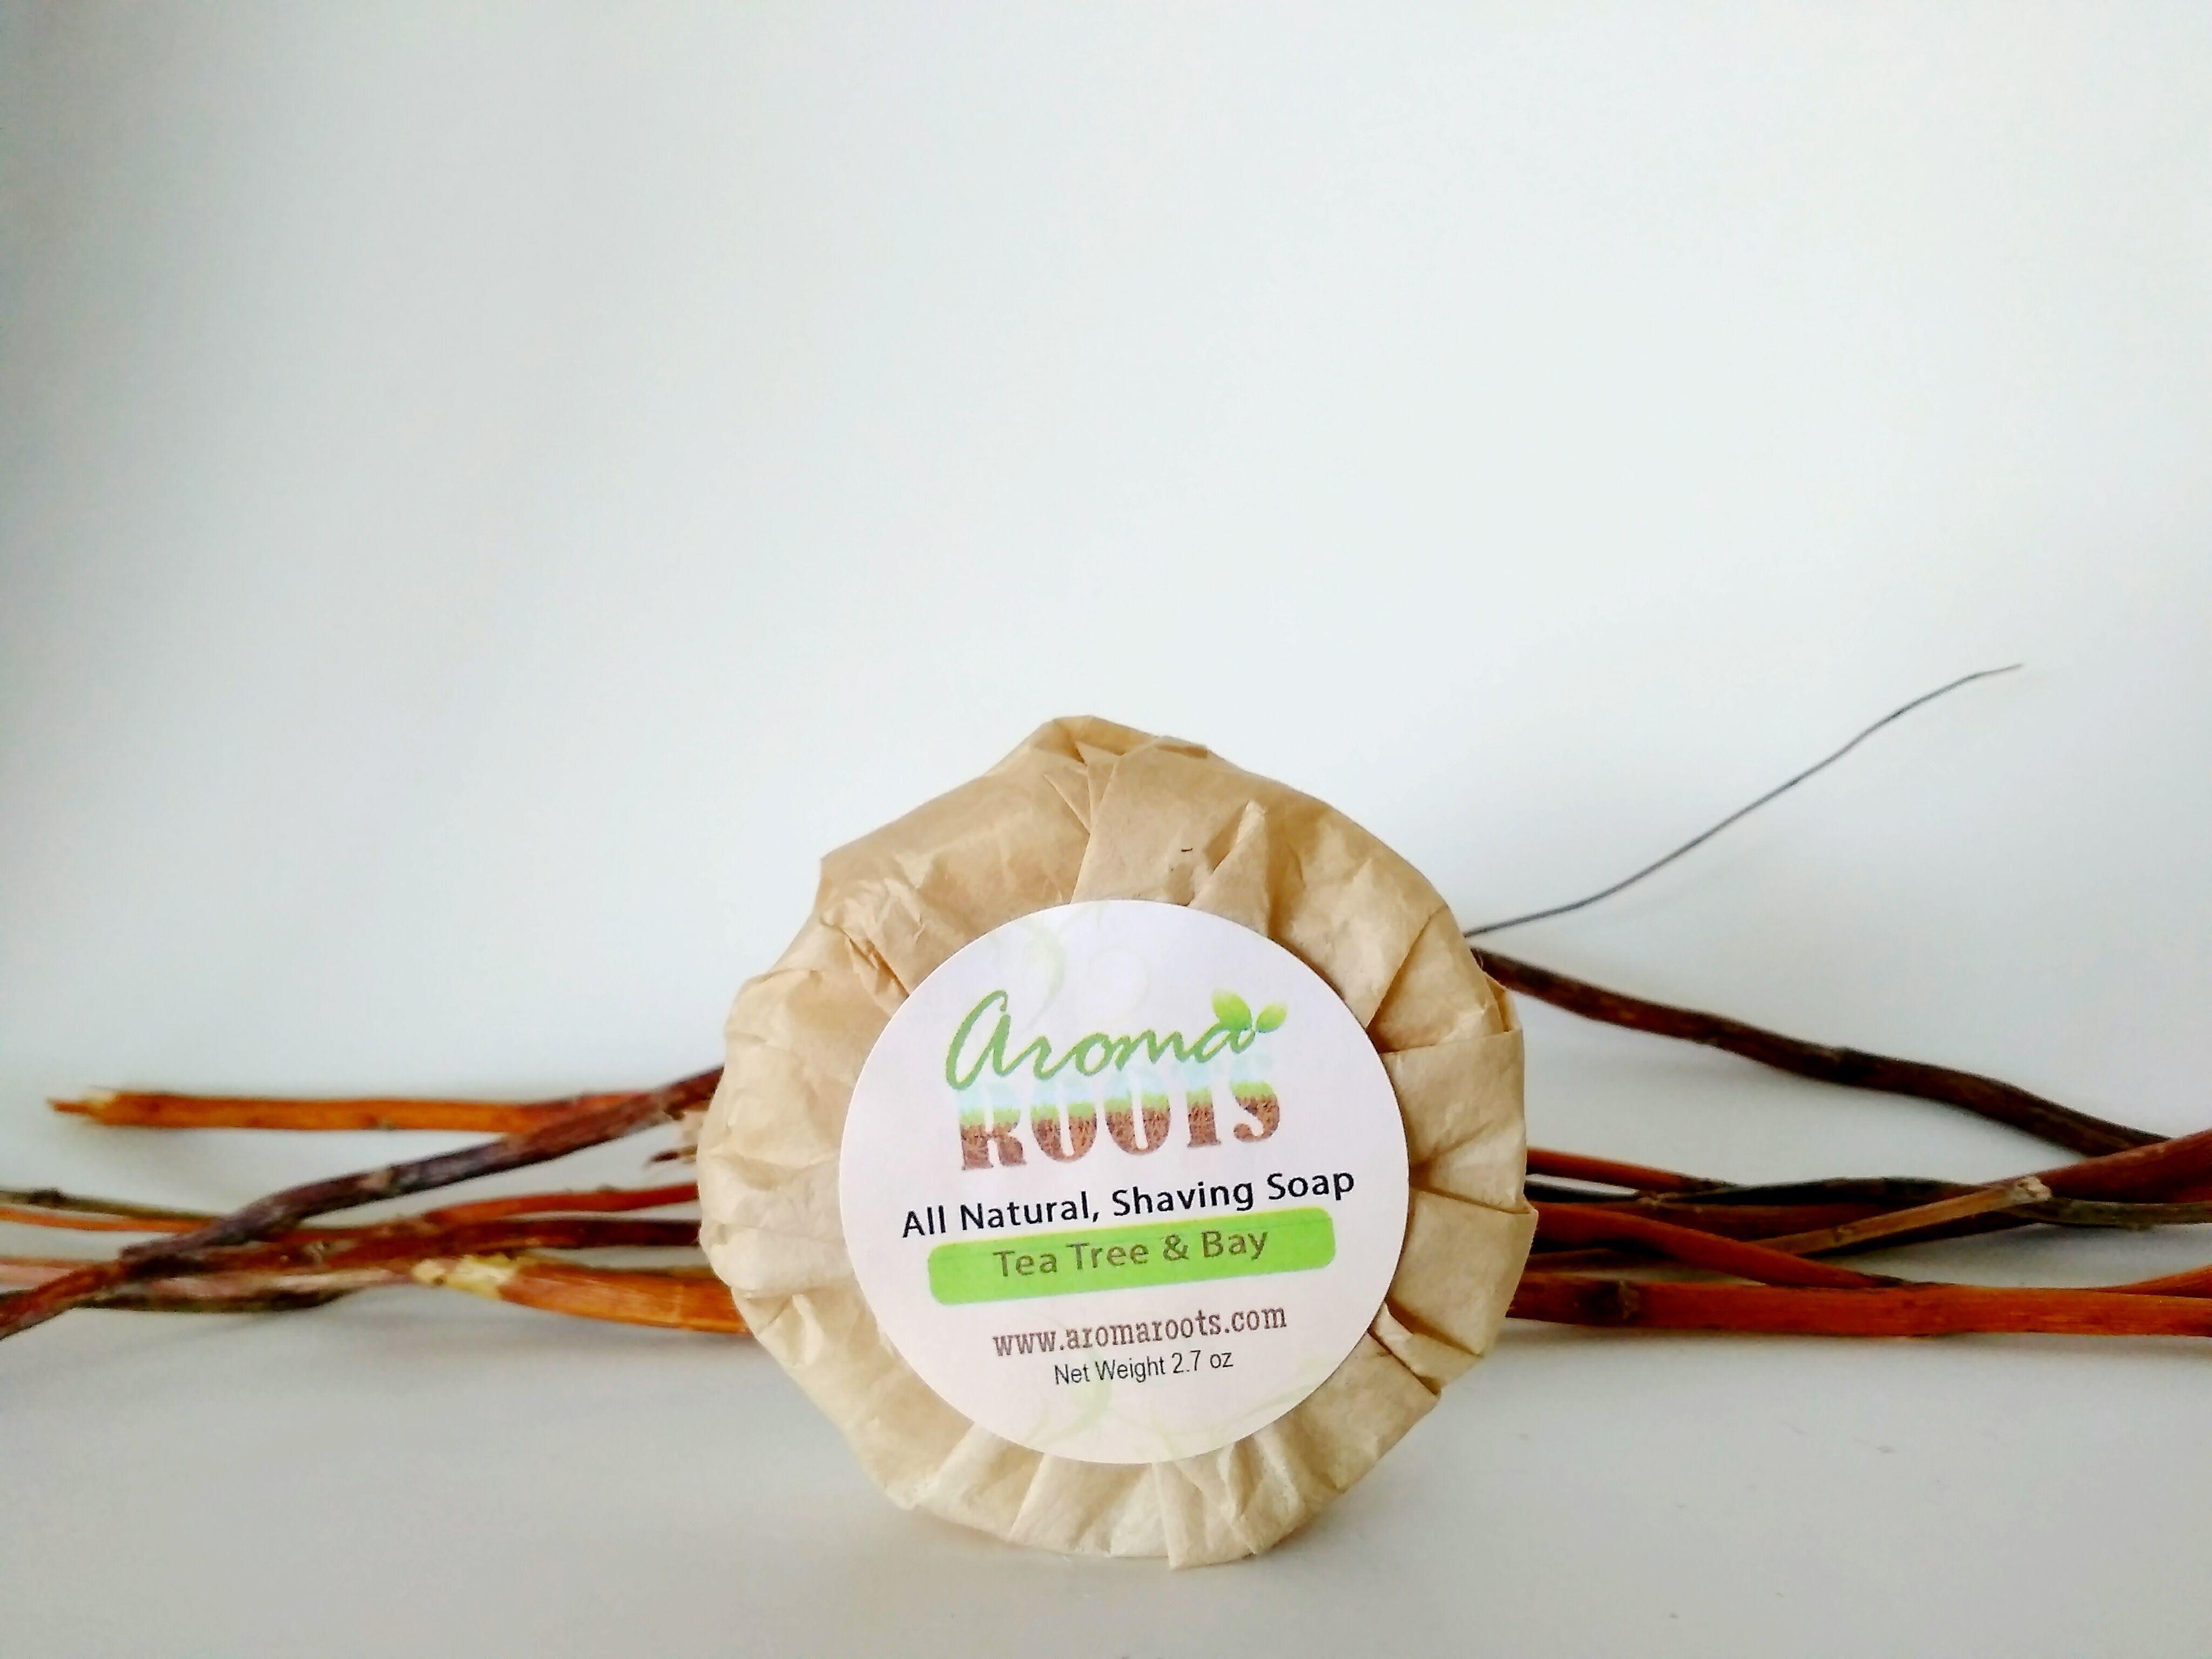 Wholesale Shaving Soap Tea Tree & Bay 84919